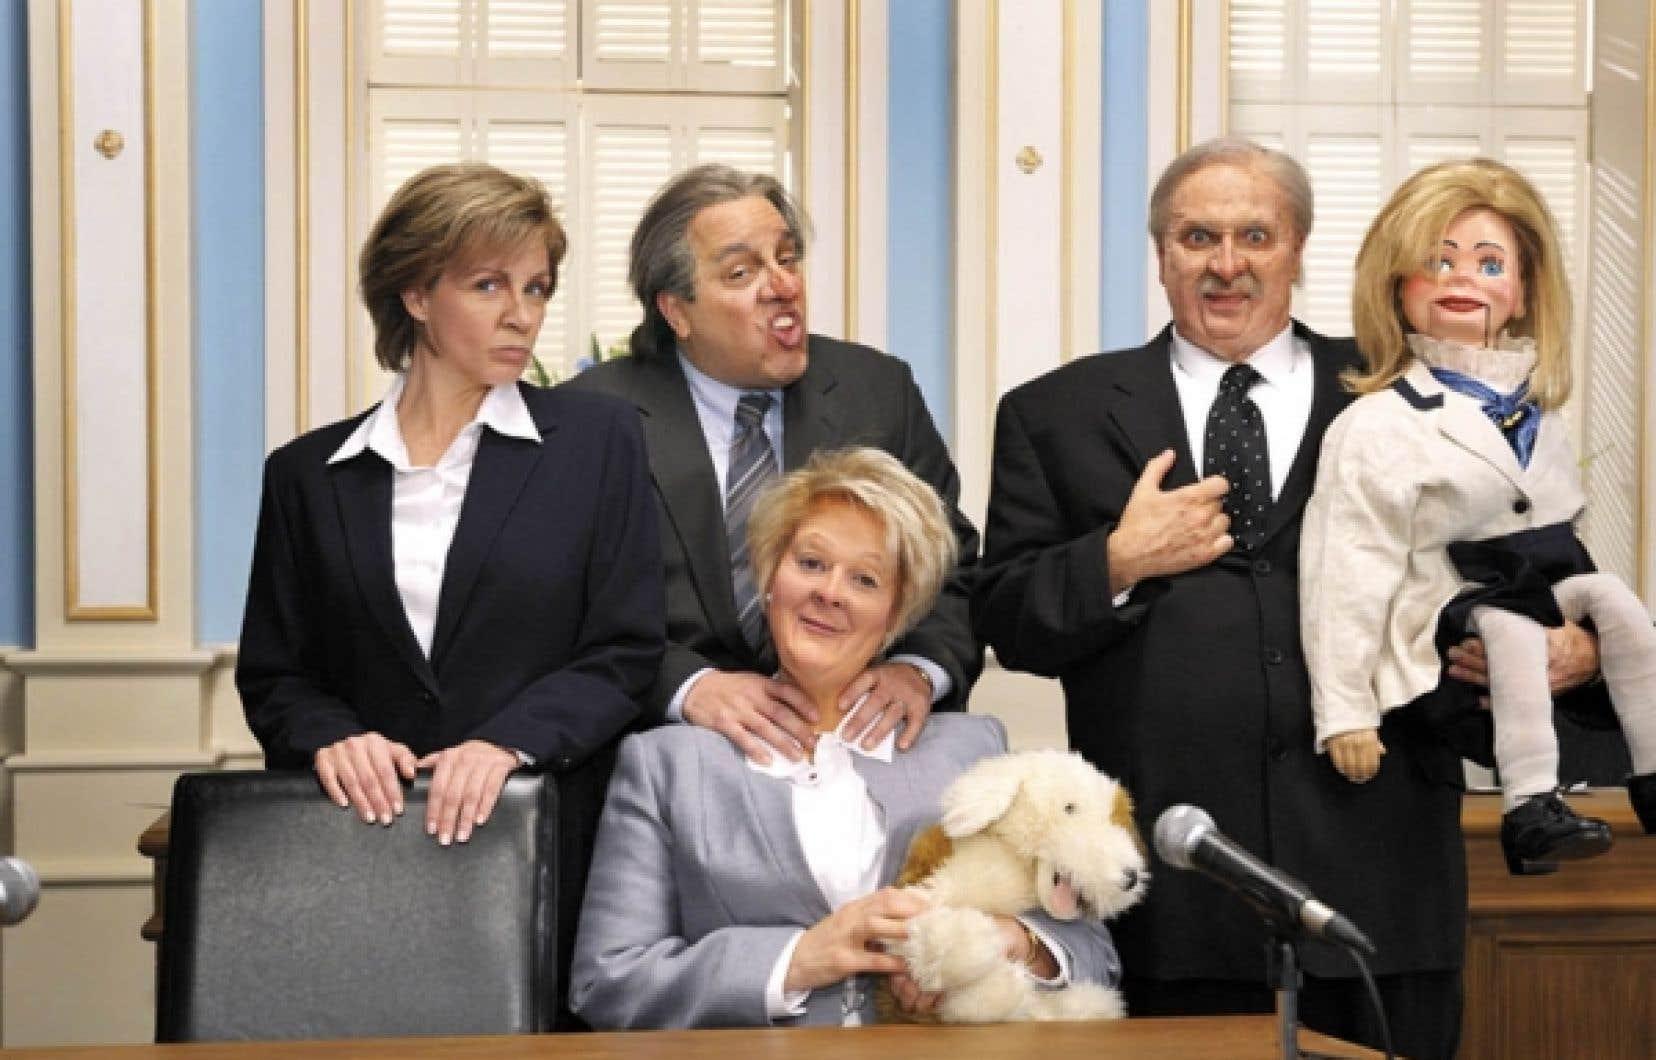 L'actualité politique occupait une grande place dans le Bye Bye 2011.